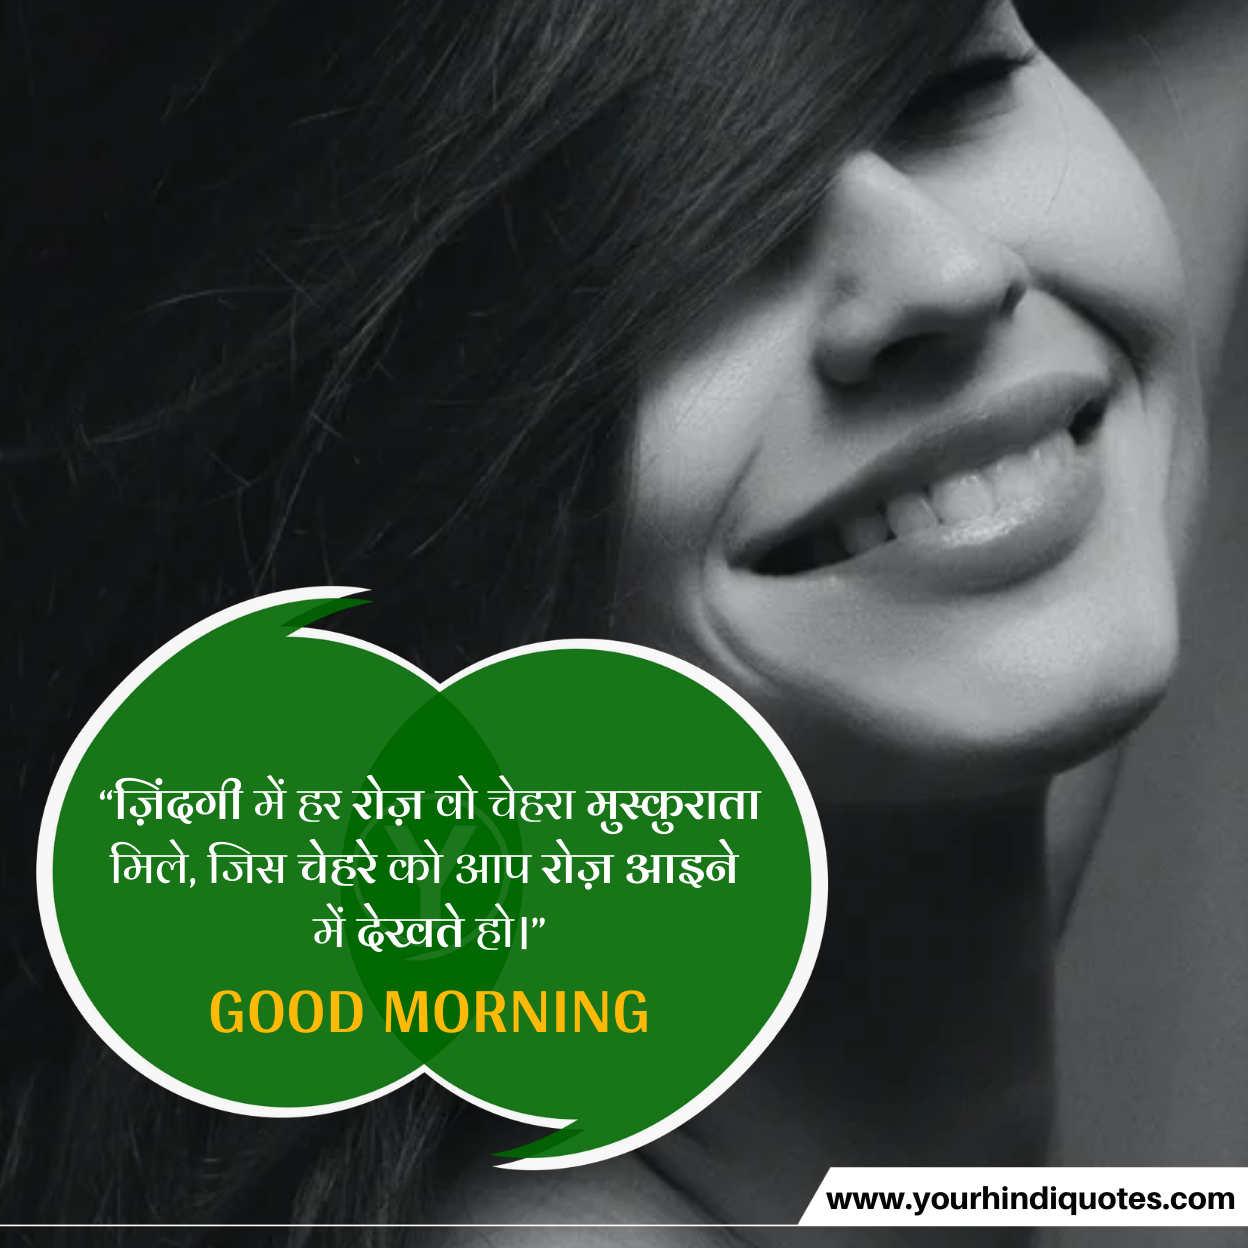 Best Hindi Morning Image